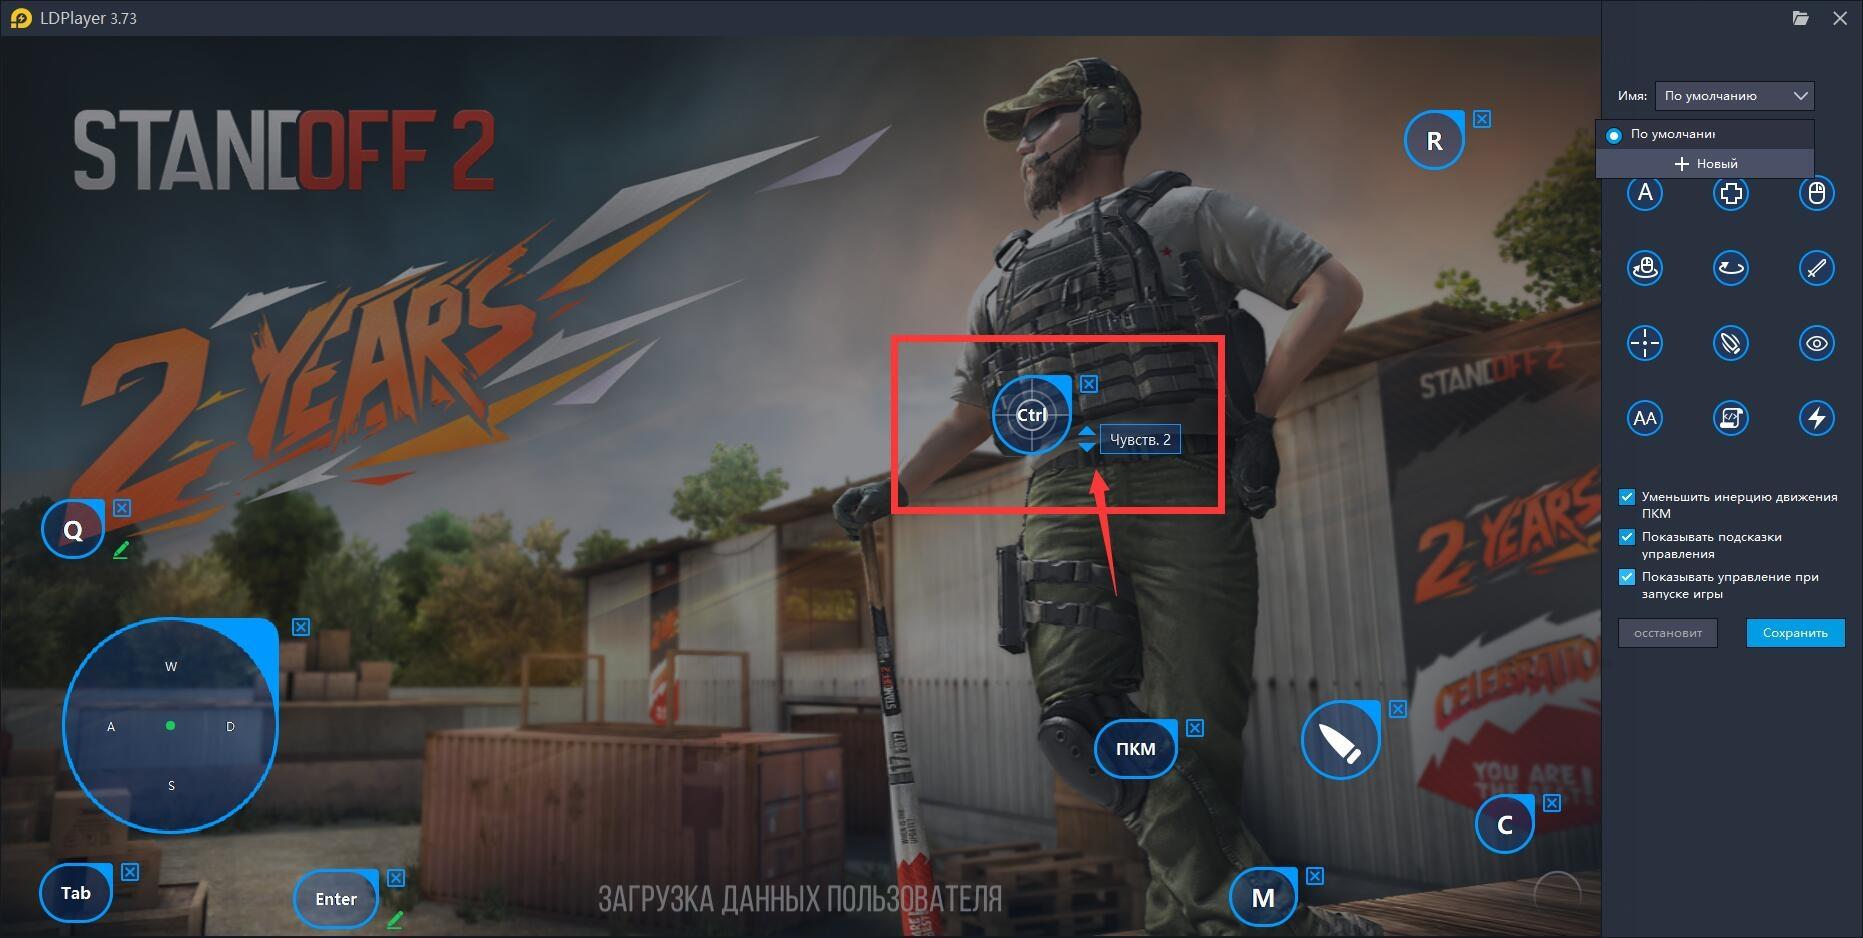 Как установить «Standoff 2» на ПК или ноутбук?